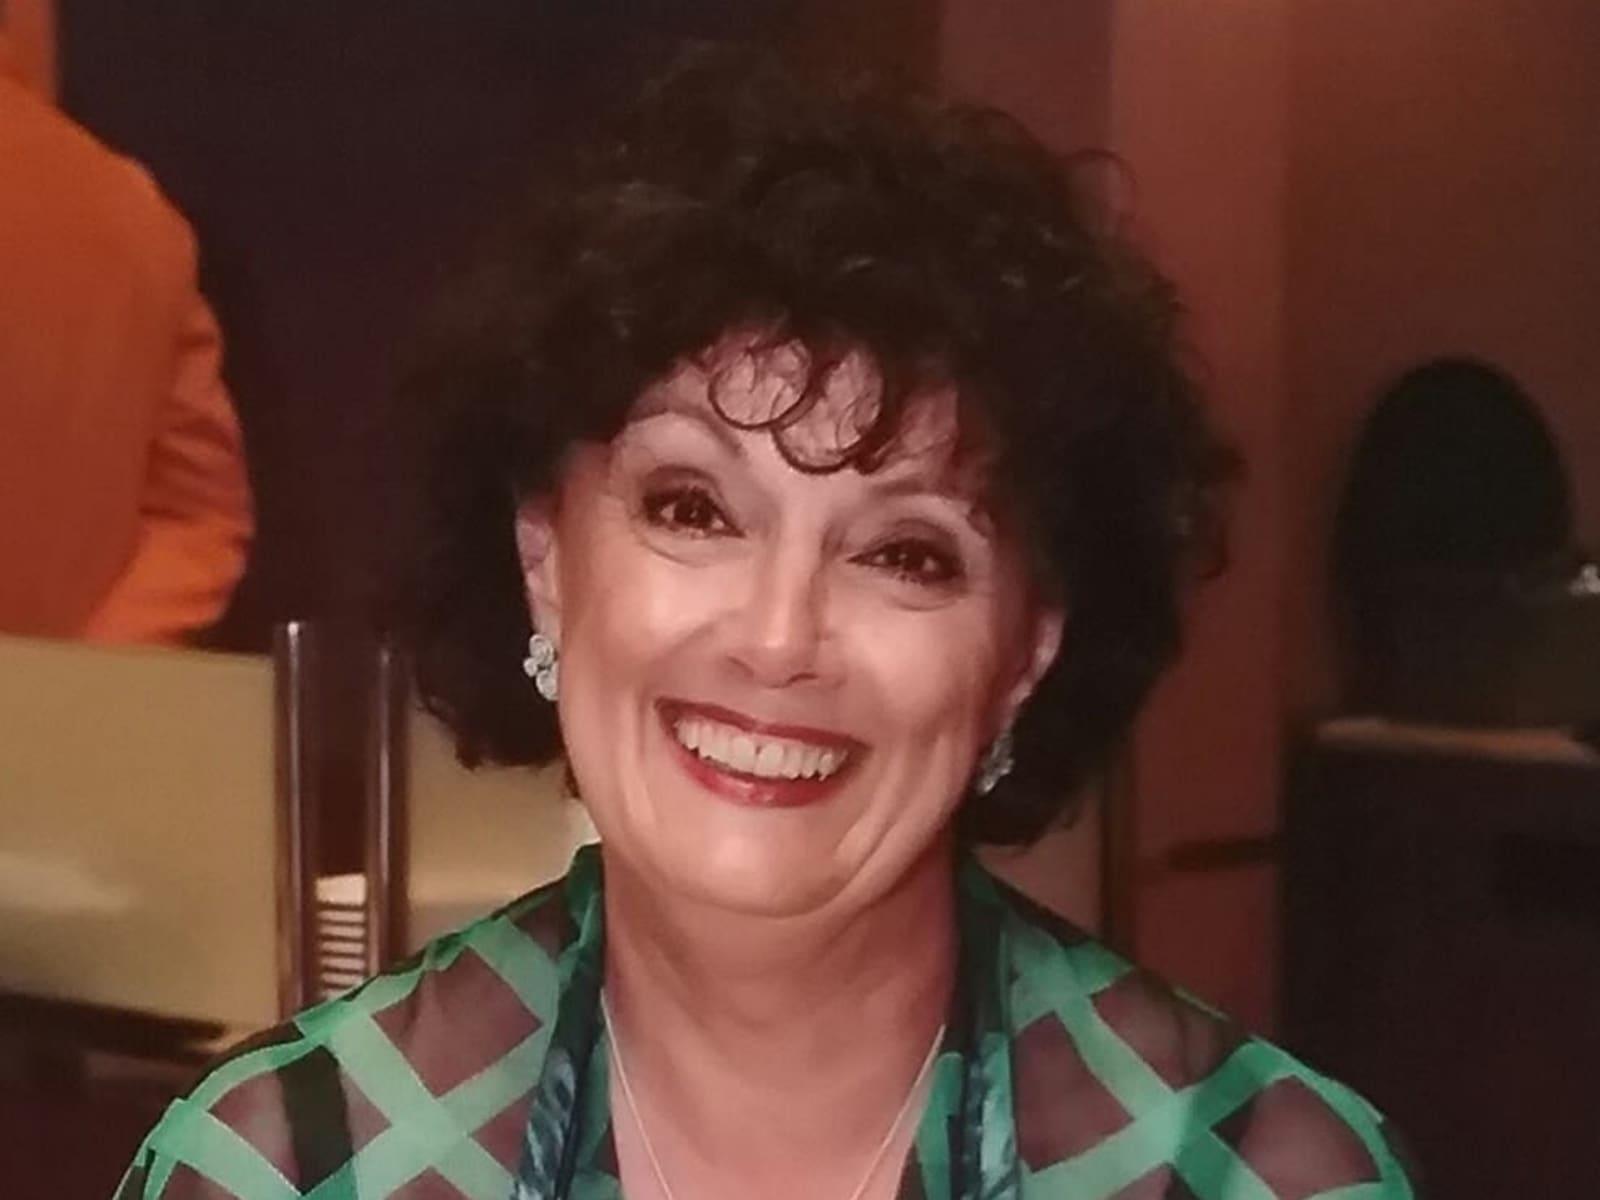 Rosanna from Melbourne, Victoria, Australia